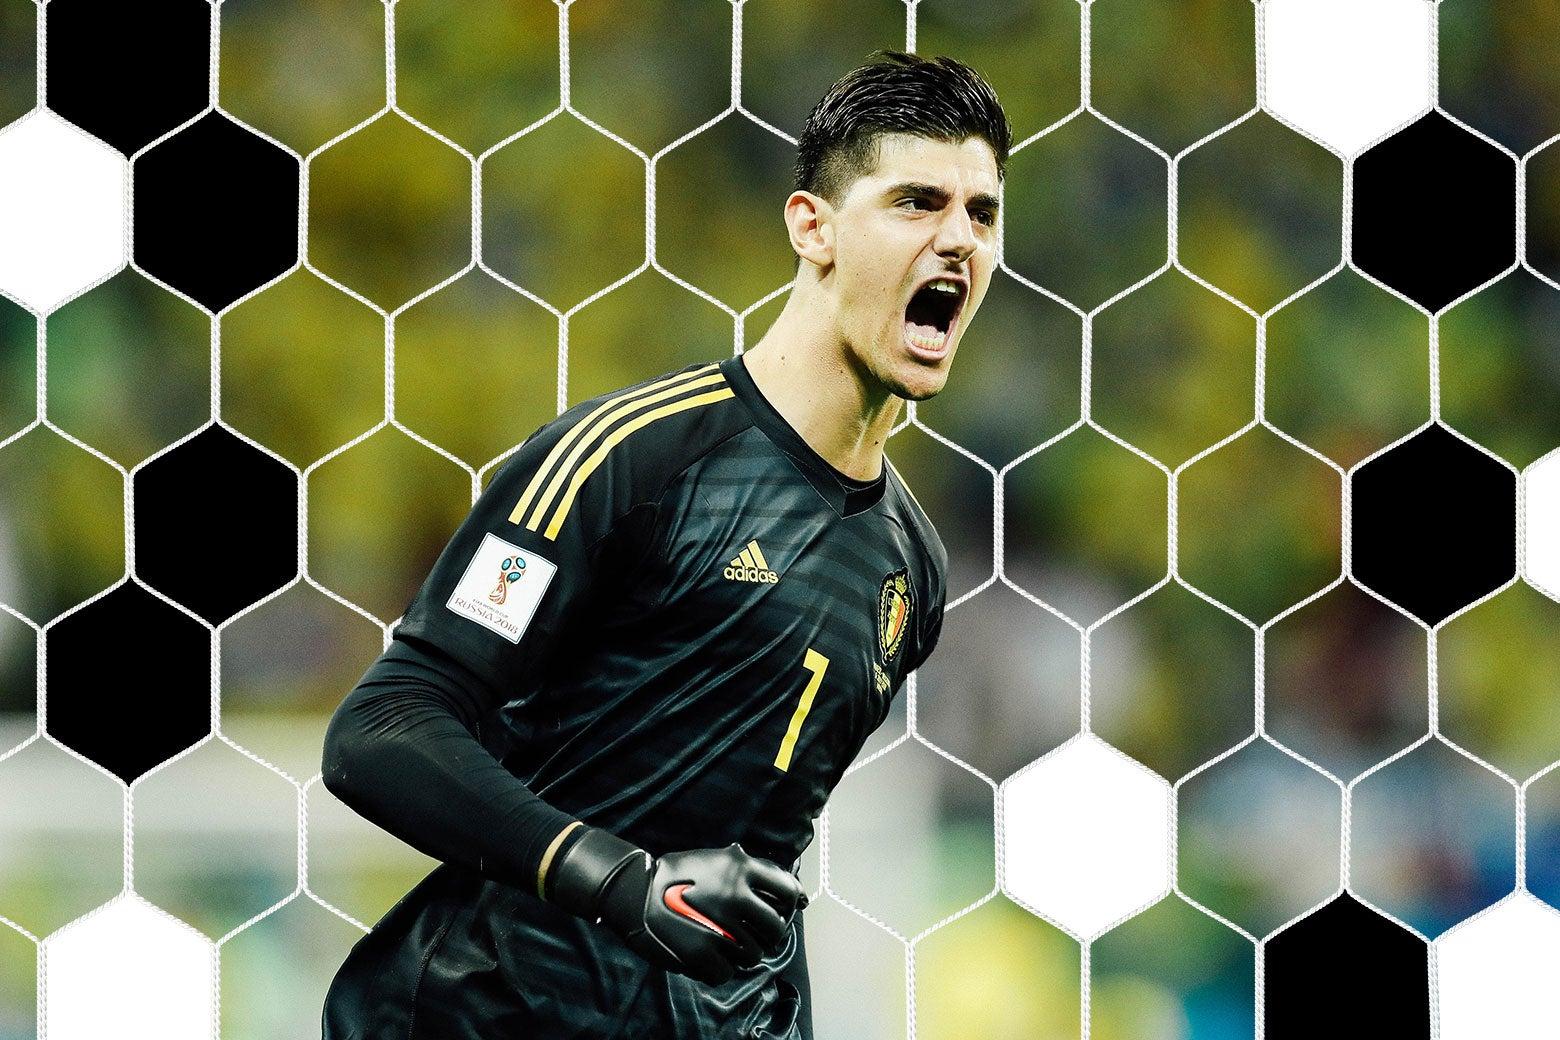 Thibaut Courtois of Belgium celebrates.